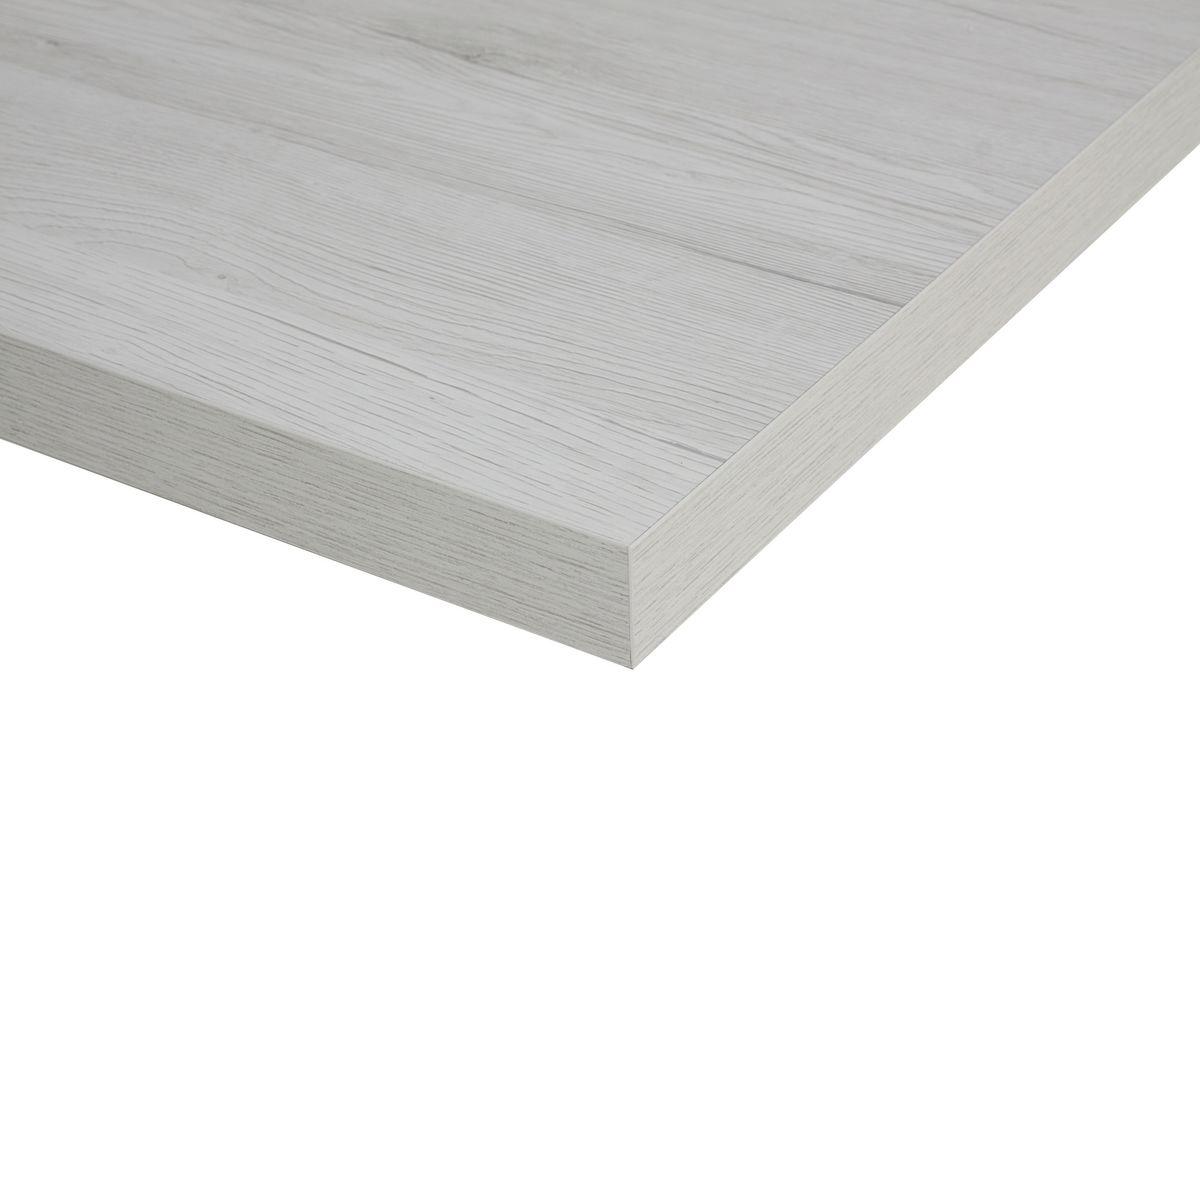 Piano cucina su misura laminato bianco rovere 2 cm prezzi - Piano cucina leroy merlin ...